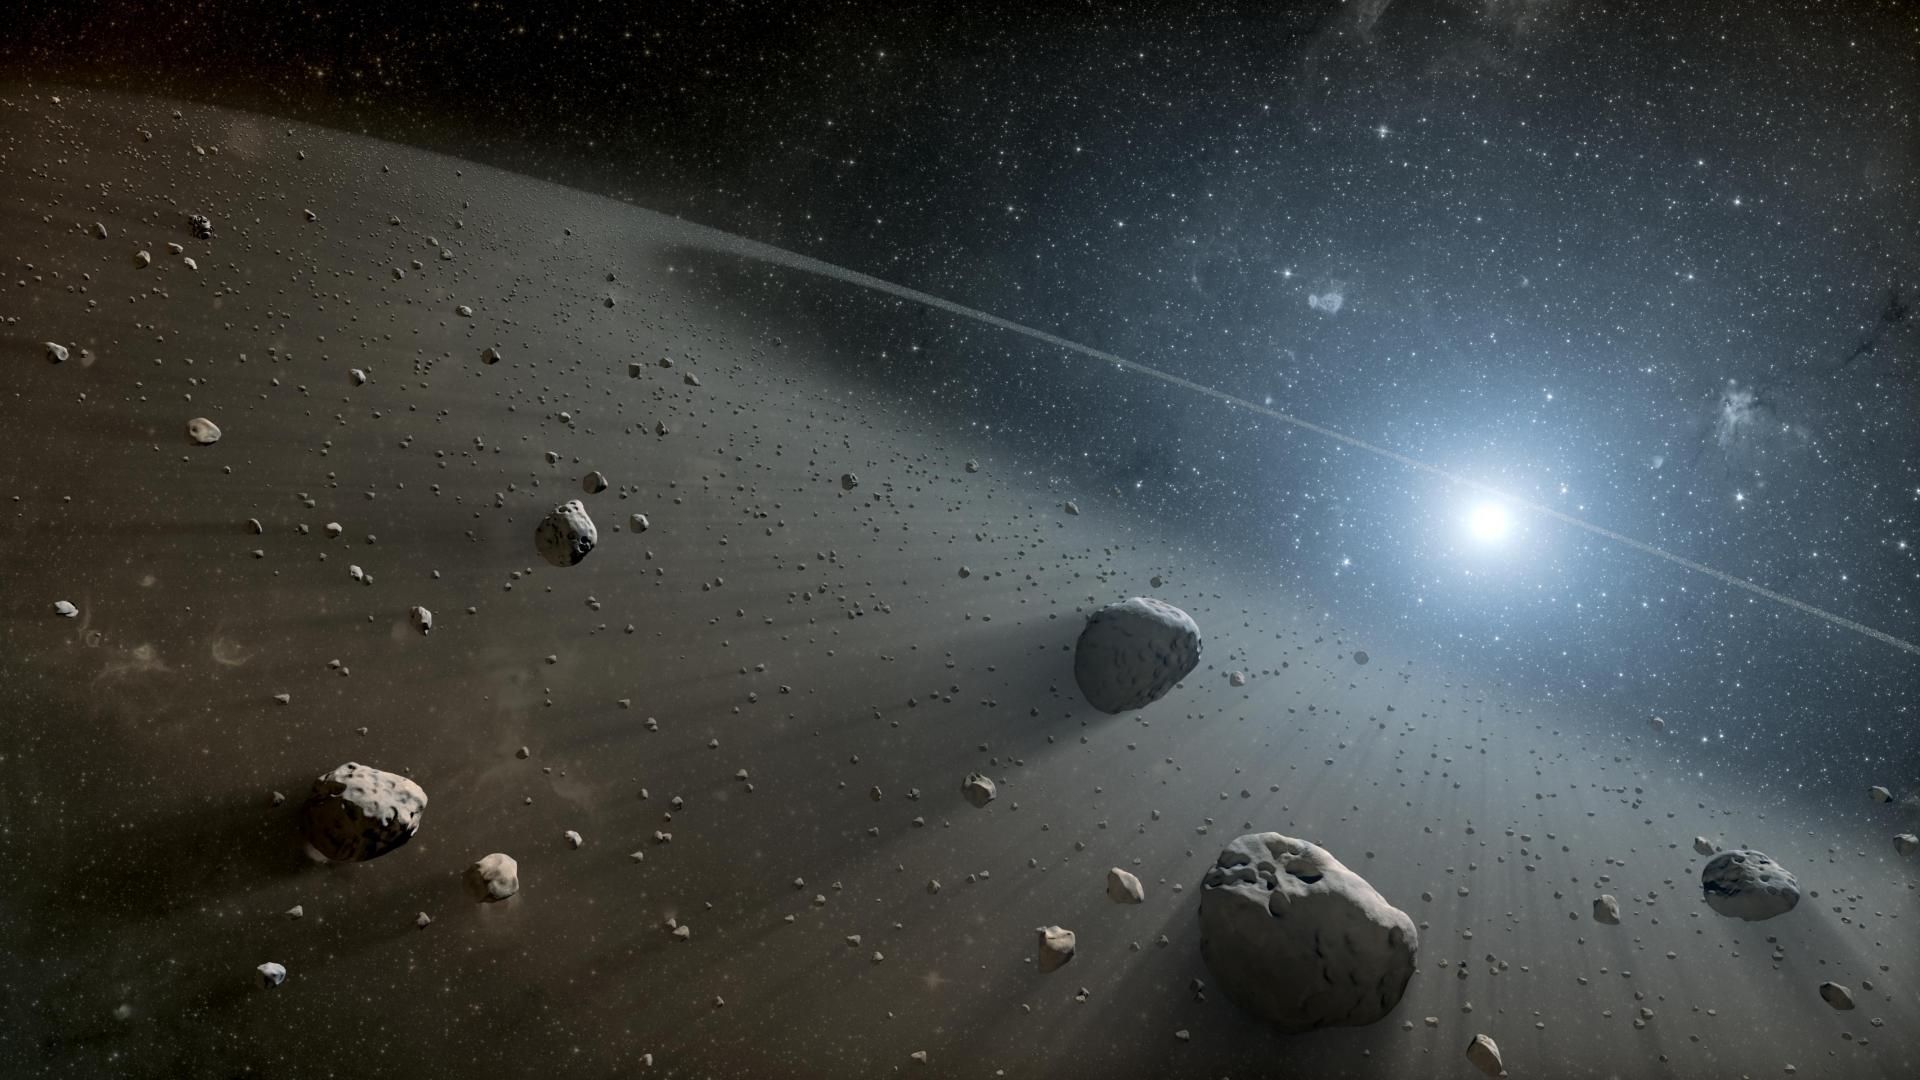 нём пояс астероидов фото высокой четкости будете учитывать